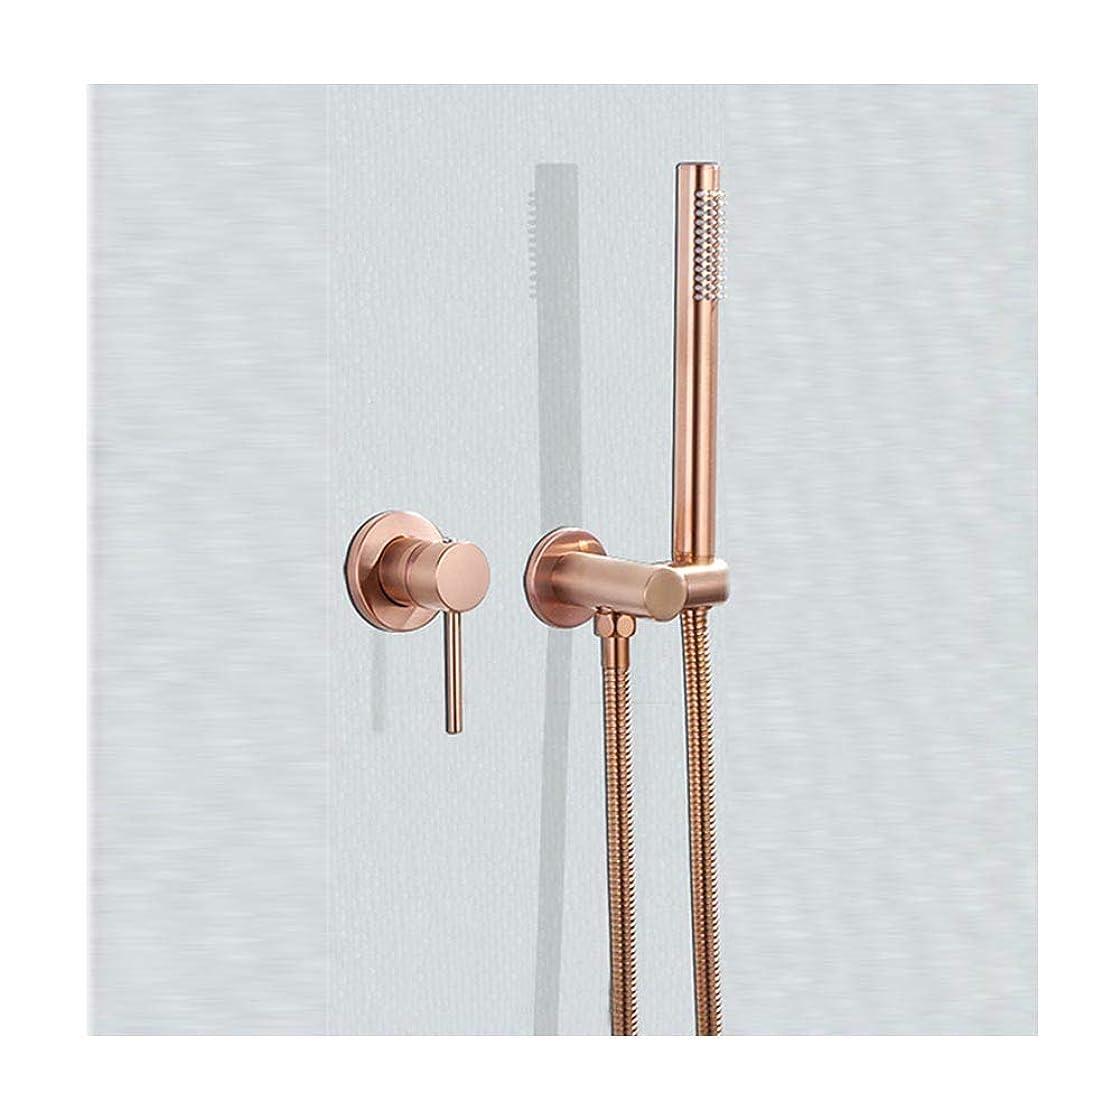 受け取る彼らは免除する隠されたマウントされた浴槽の蛇口と冷水と温水真鍮の浴槽の蛇口セットシングルハンドル多機能シャワーミキサータップハンドヘルドシャワー,Rose gold